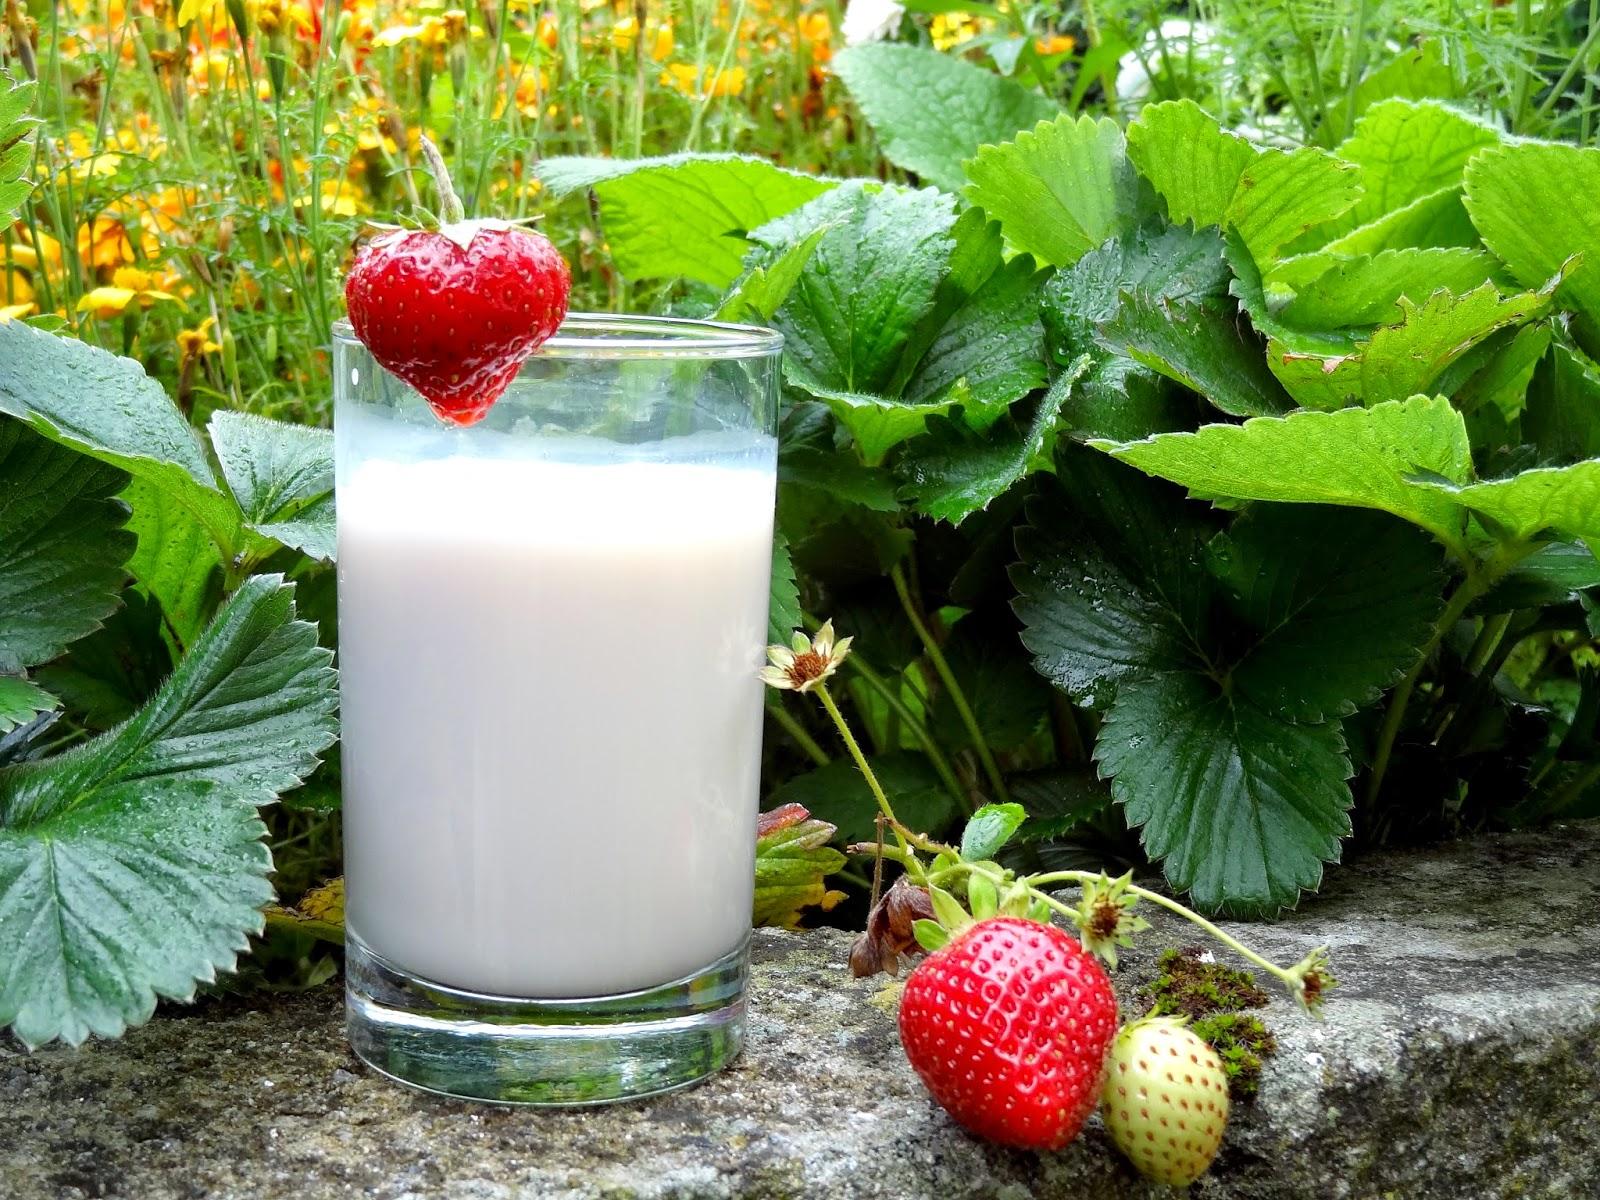 Blue Diamond Almond Breeze Milk w/ Strawberries